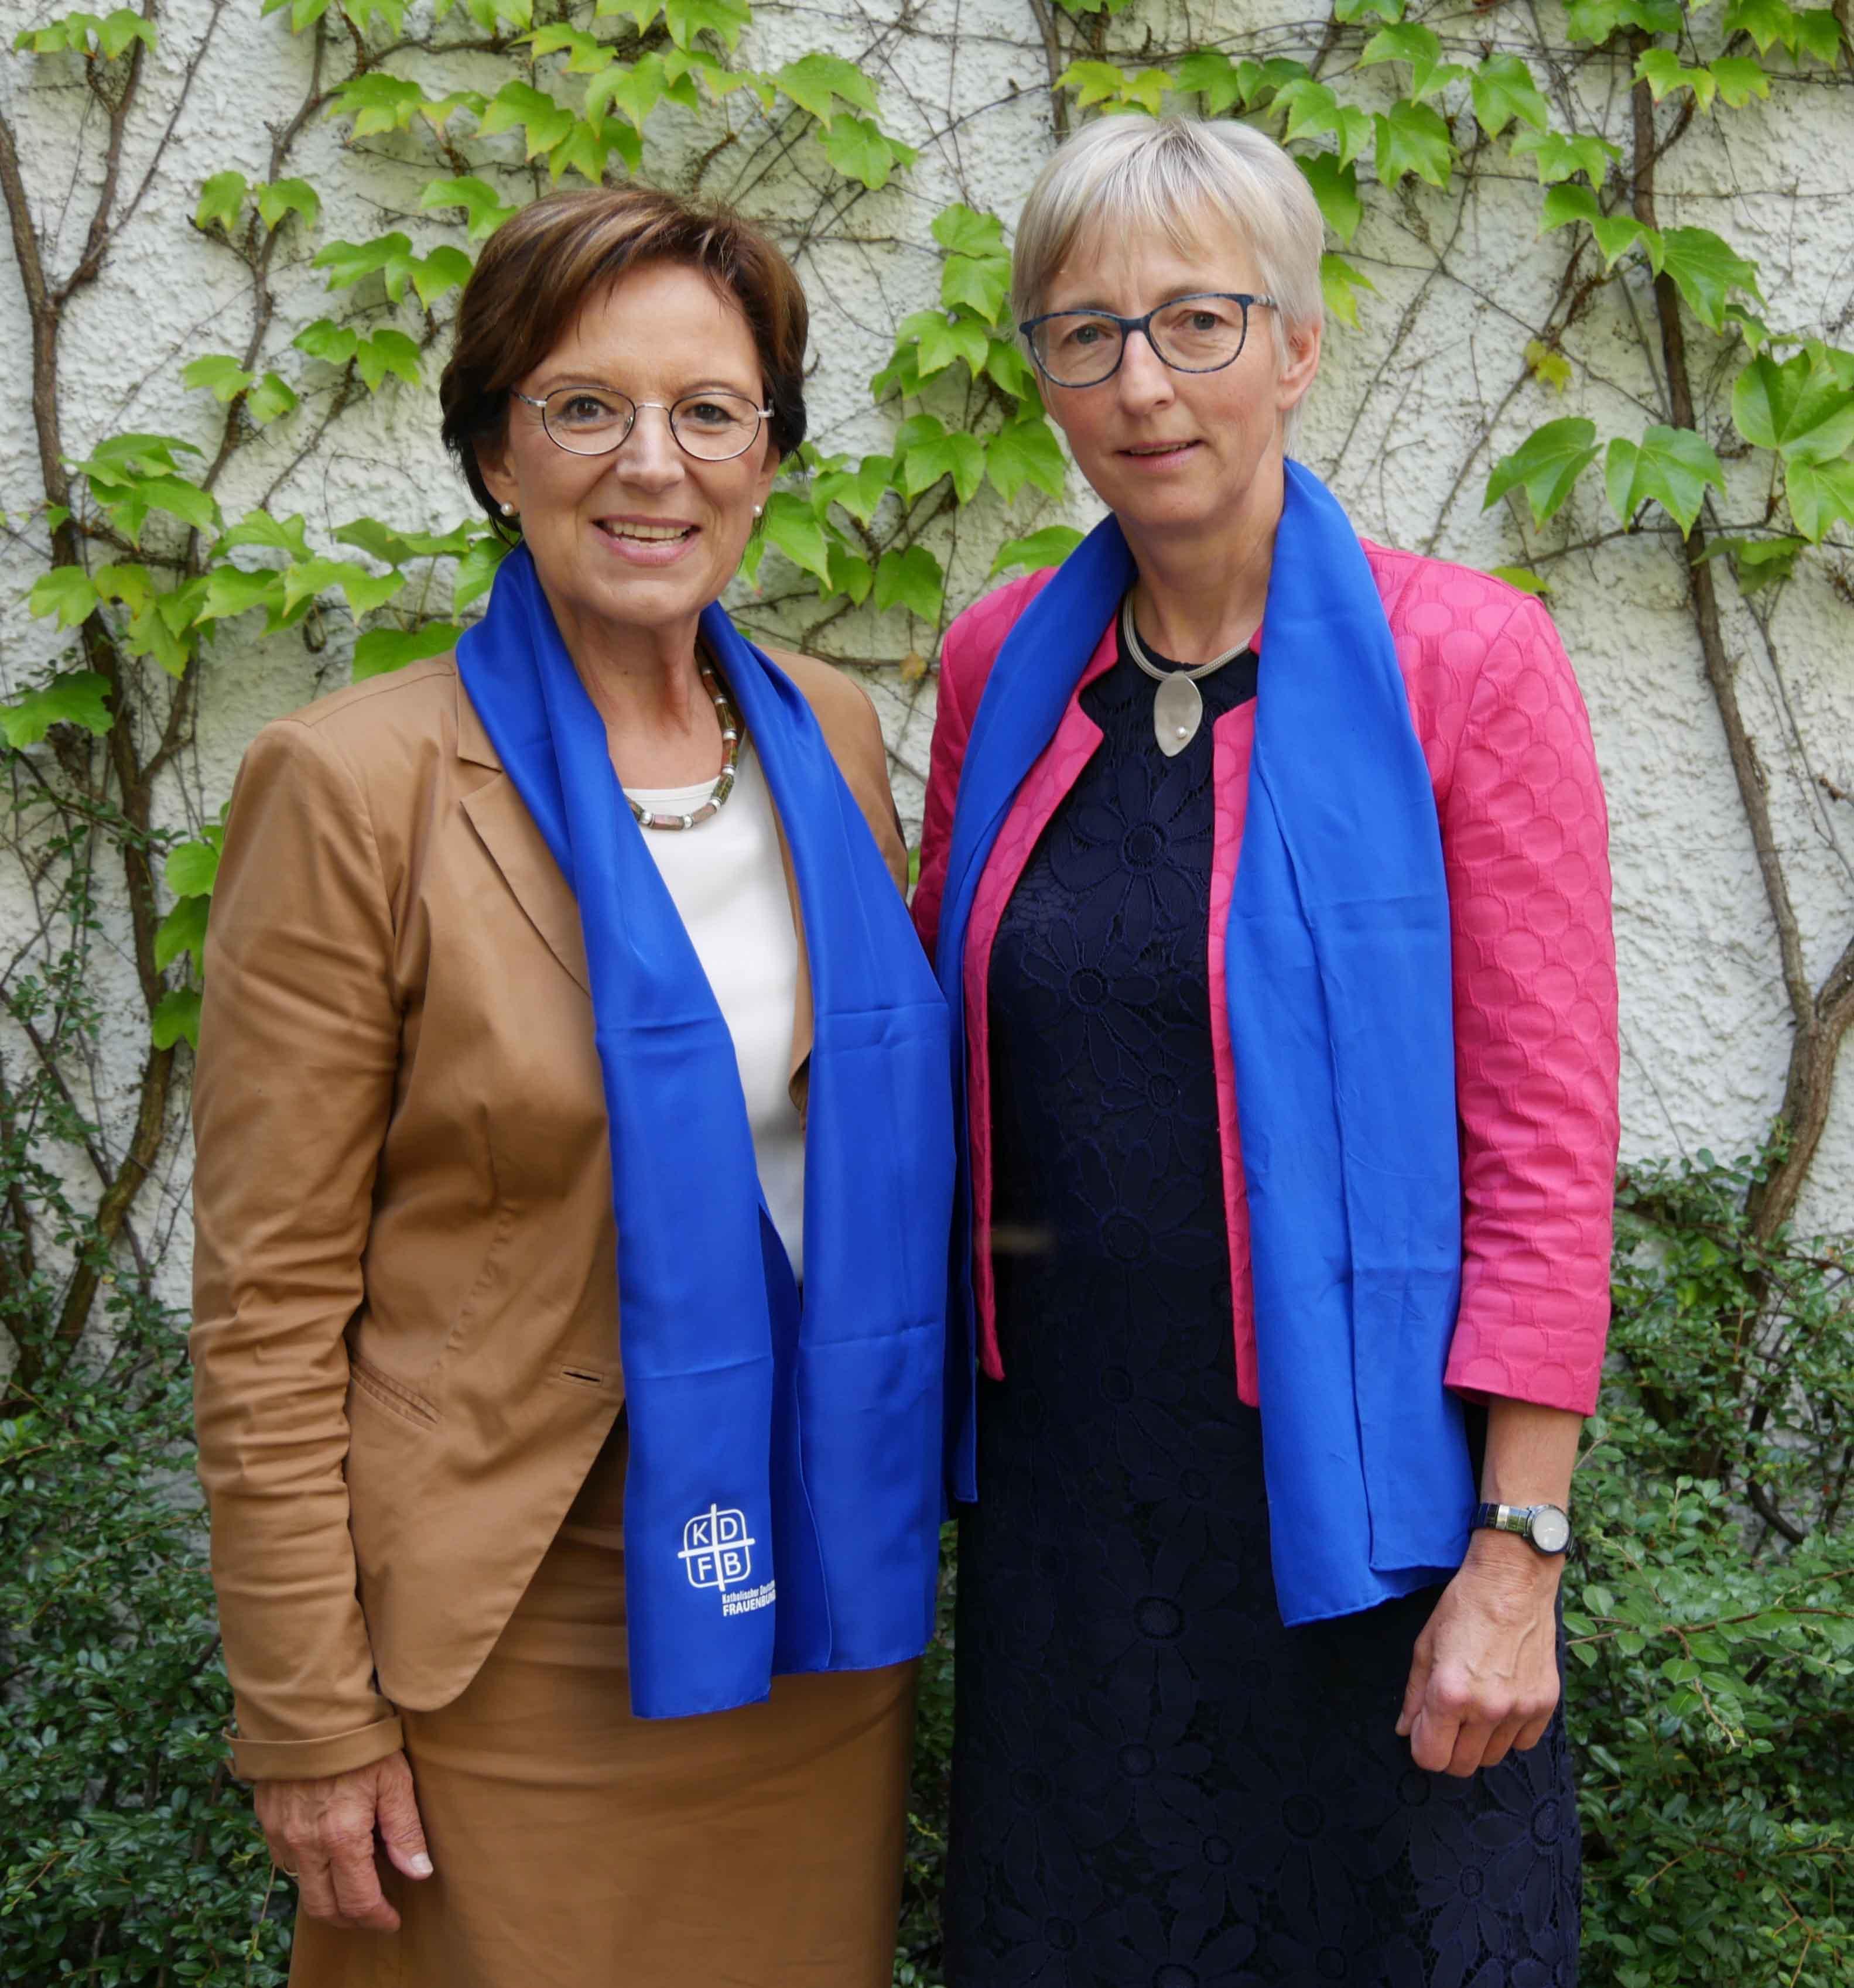 Landesvorsitzende Emilia Müller (links) mit der stellvertretenden Vorsitzenden Sabine Slawik. (Foto: KDFB Landesverband Bayern)